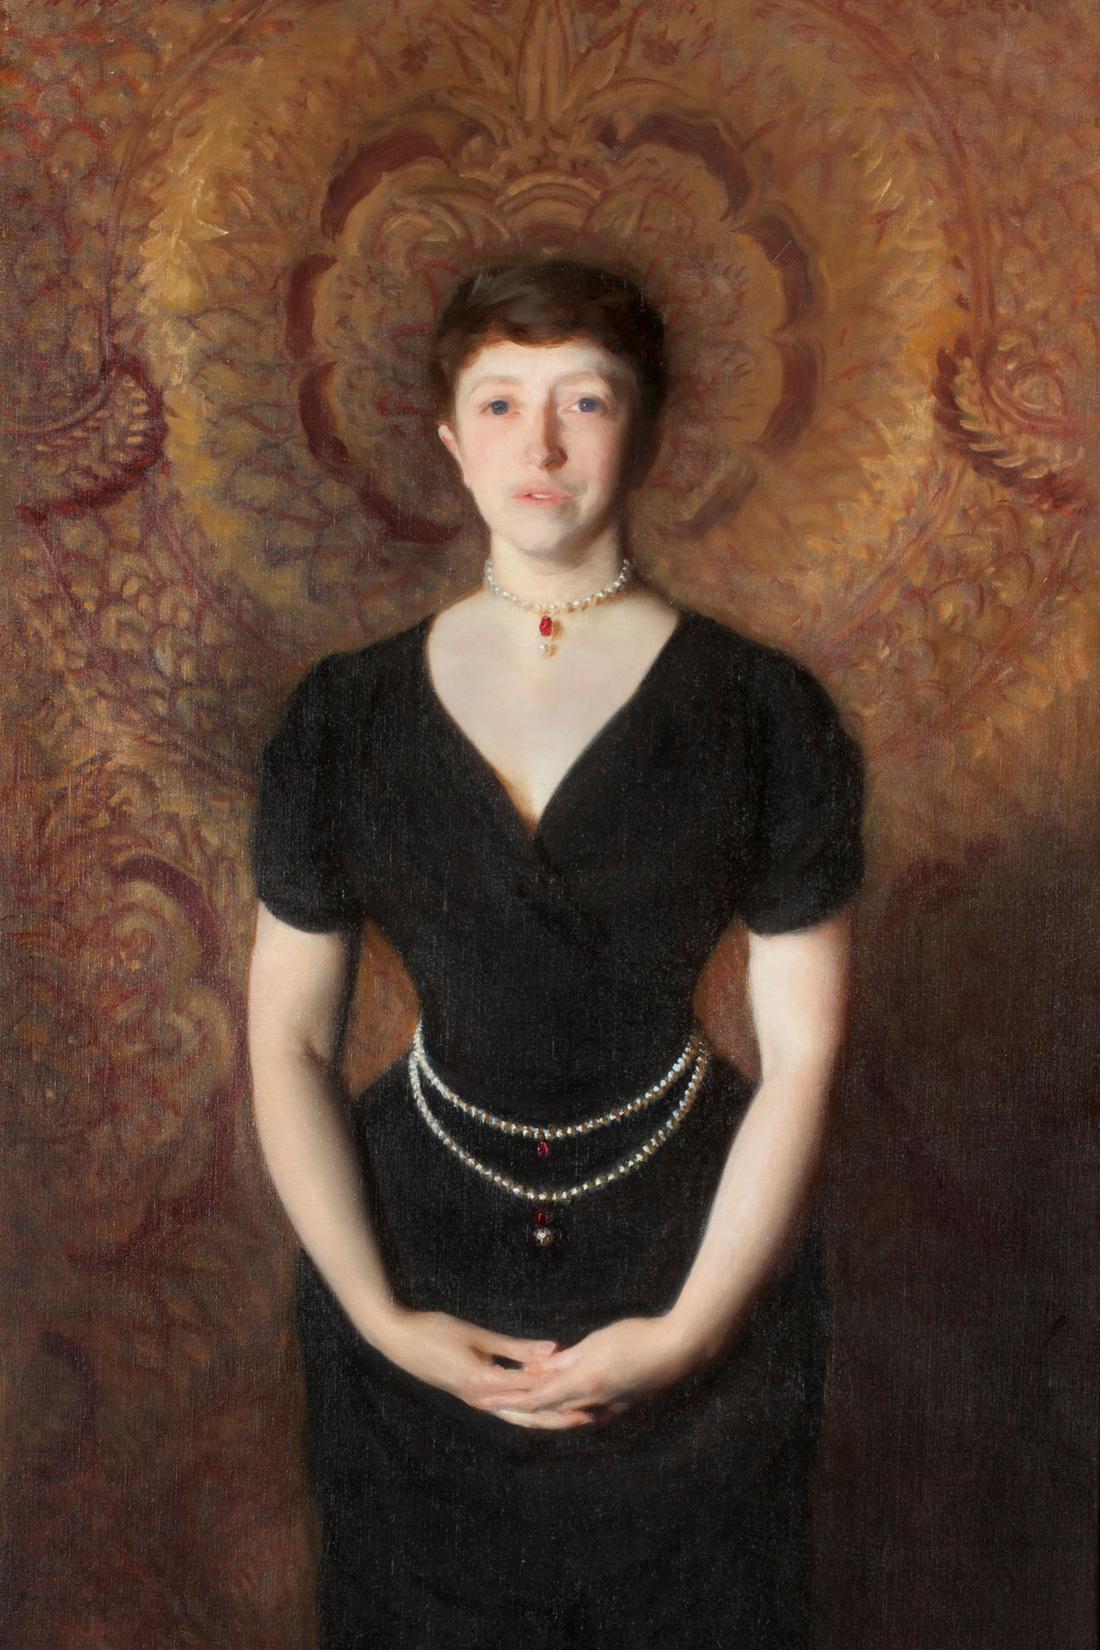 John Singer Sargent, Isabella Stewart Gardner (detail), 1888. Courtesy of the Isabella Stewart Gardner Museum, Boston.